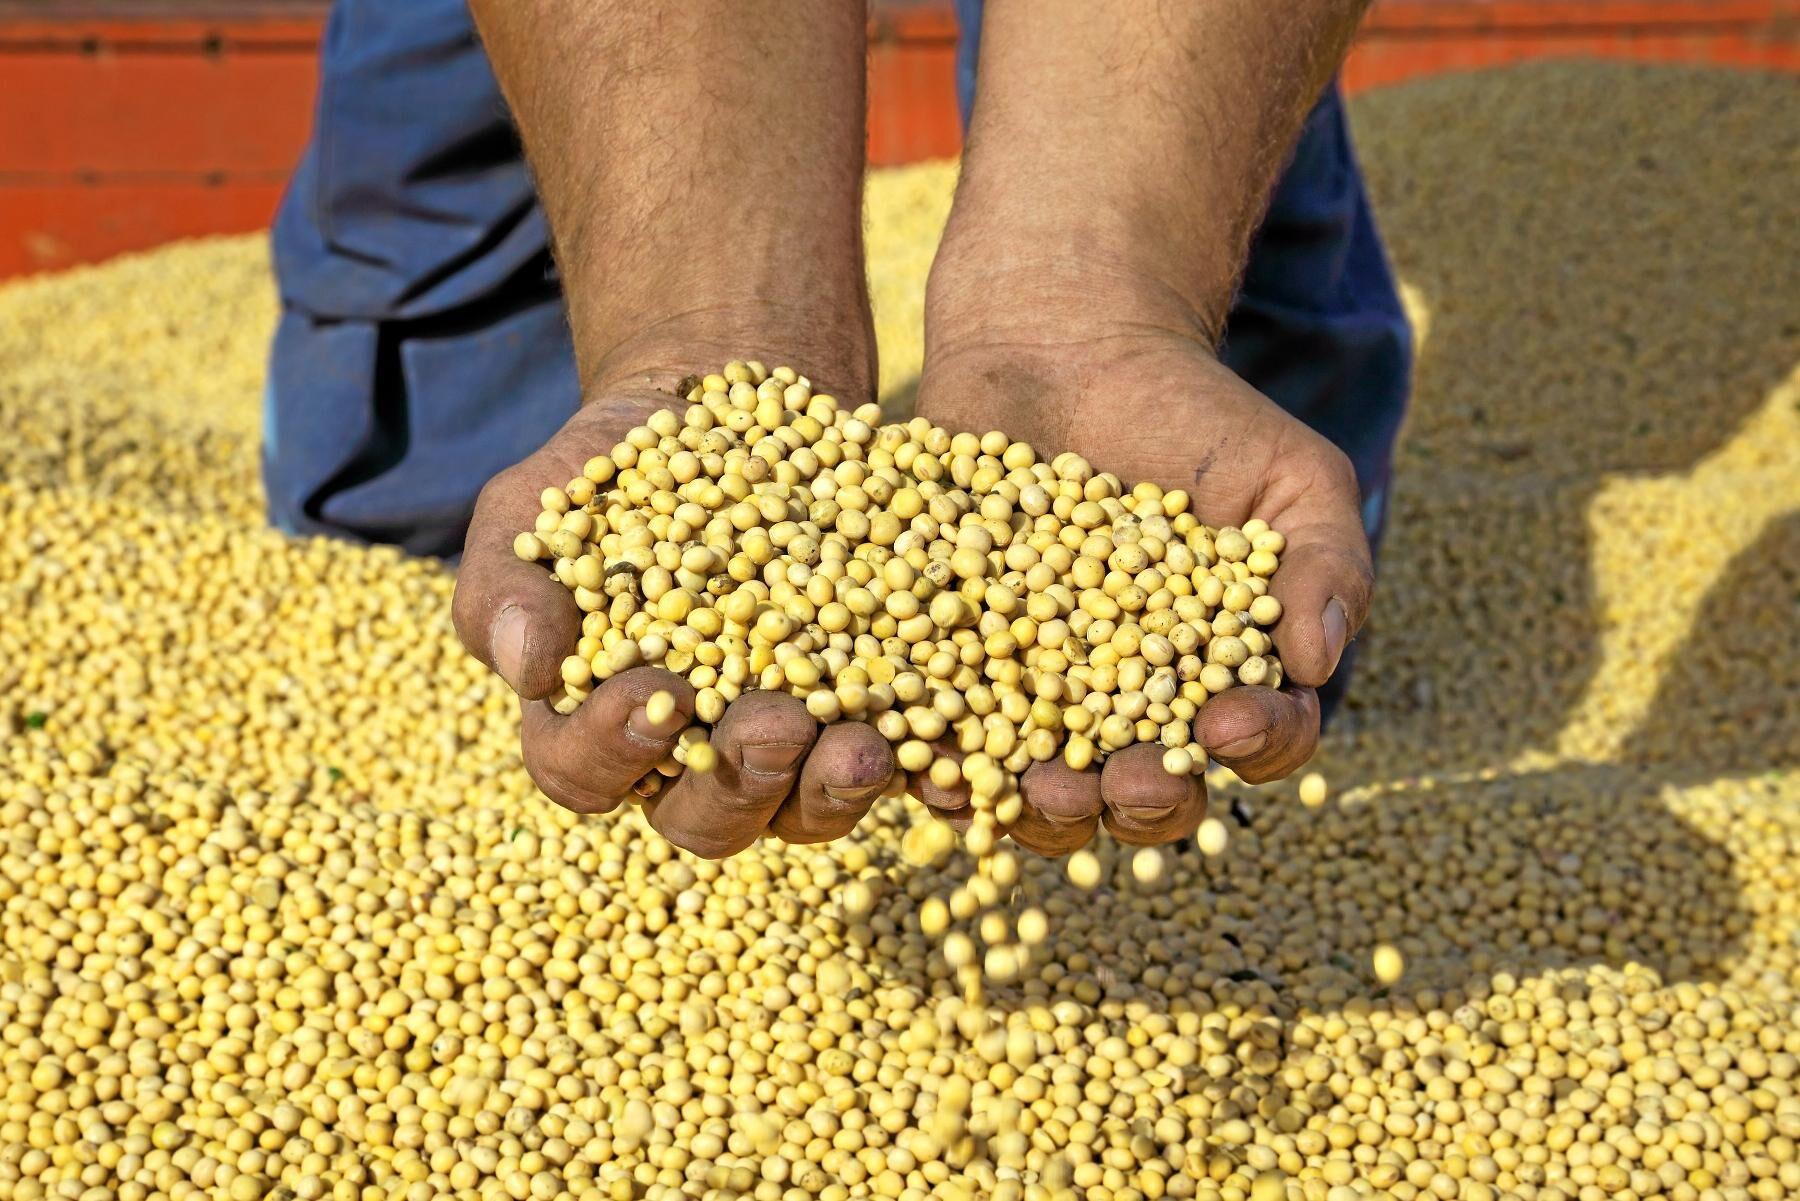 Kinas strafftullar har gjort amerikanska sojabönor billigare. Arkivbild.